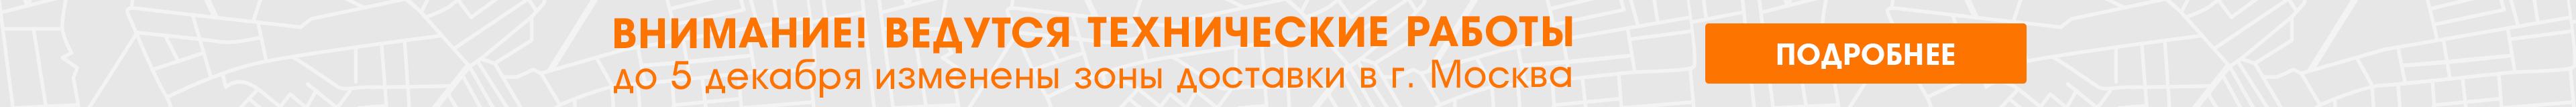 Доставка Москва - изменение зон